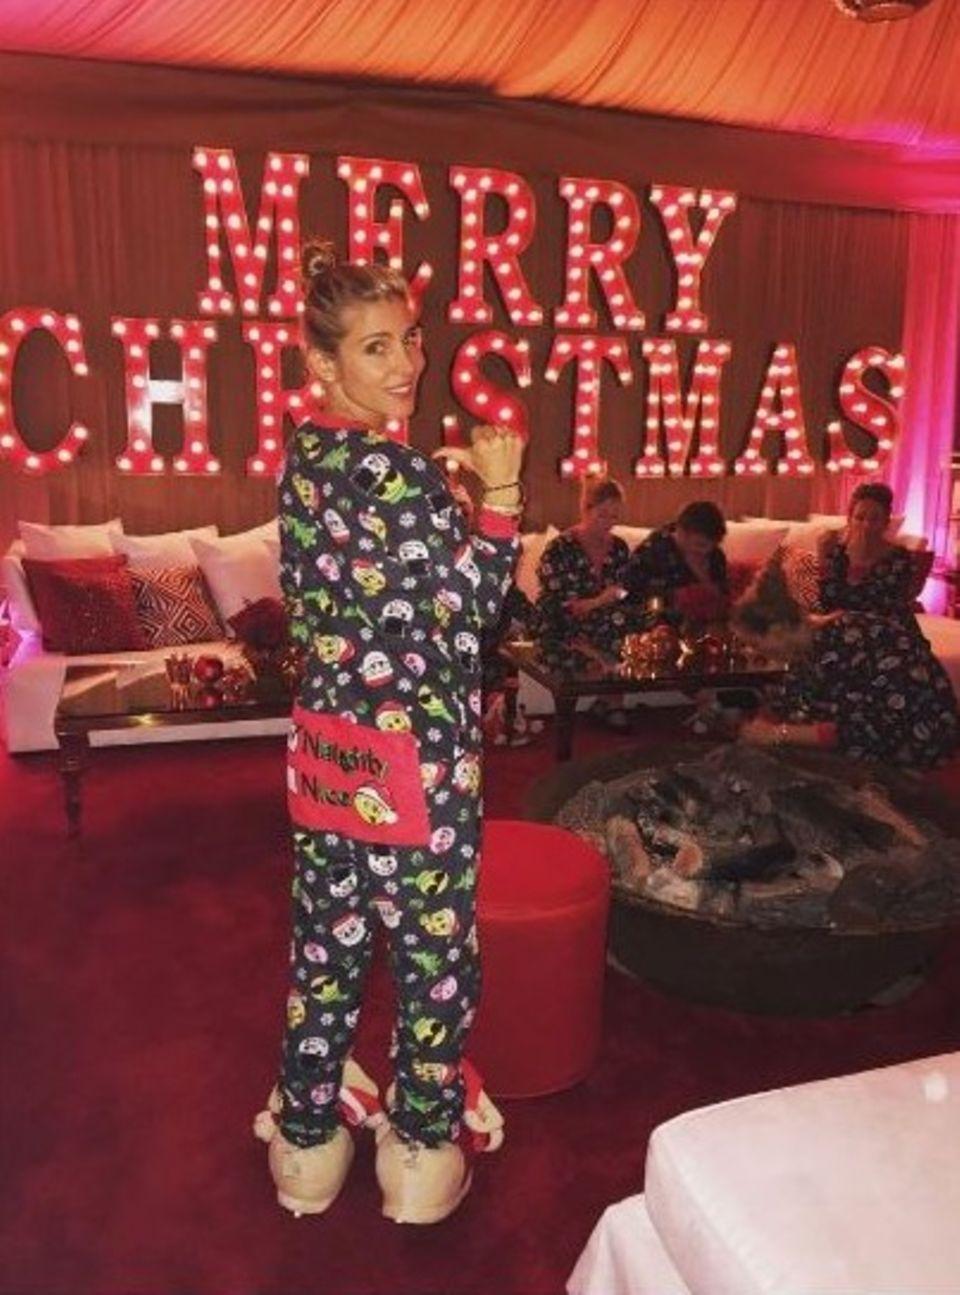 Elsa Patakys weihnachtlicher Schlafanzug und die Puschen sind eine wahre Kitschexplosion.